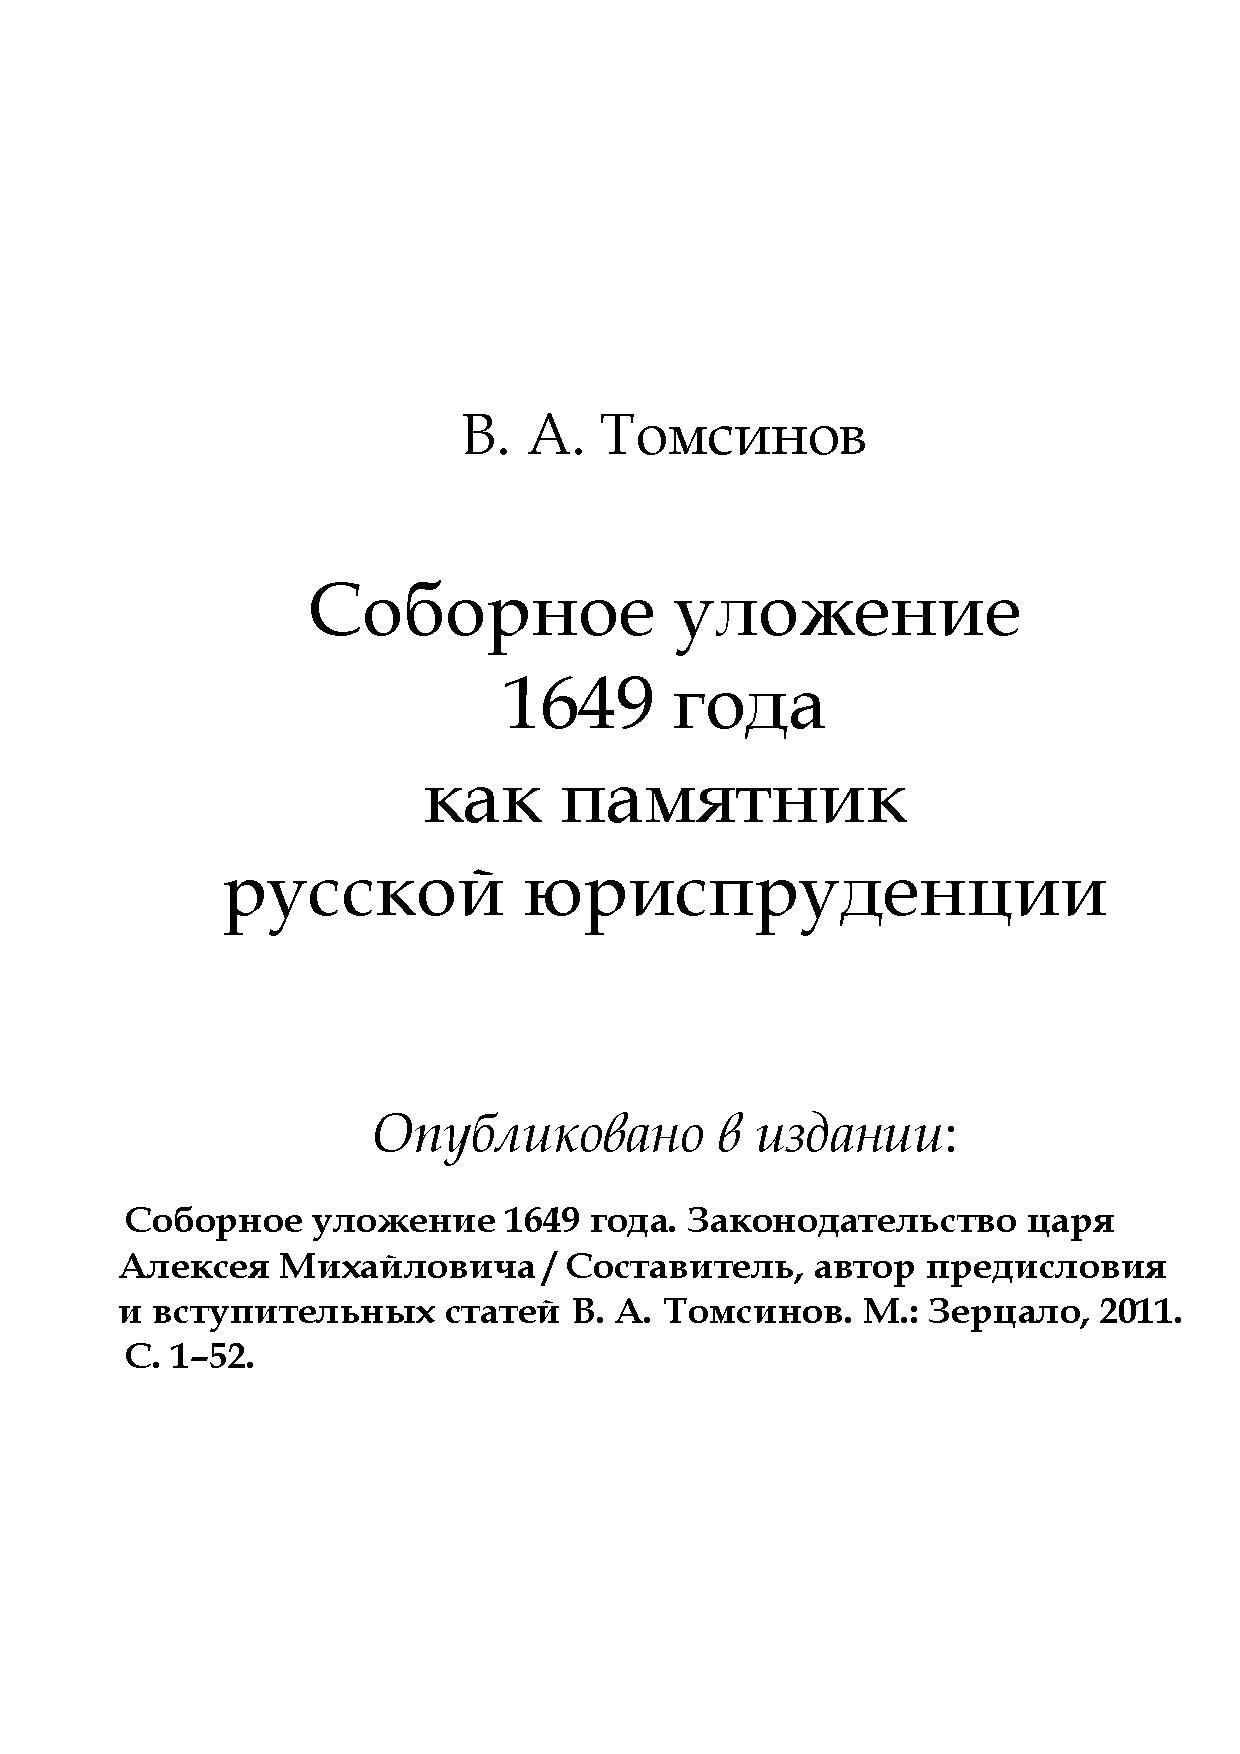 Томсинов В.А. Соборное уложение 1649 года